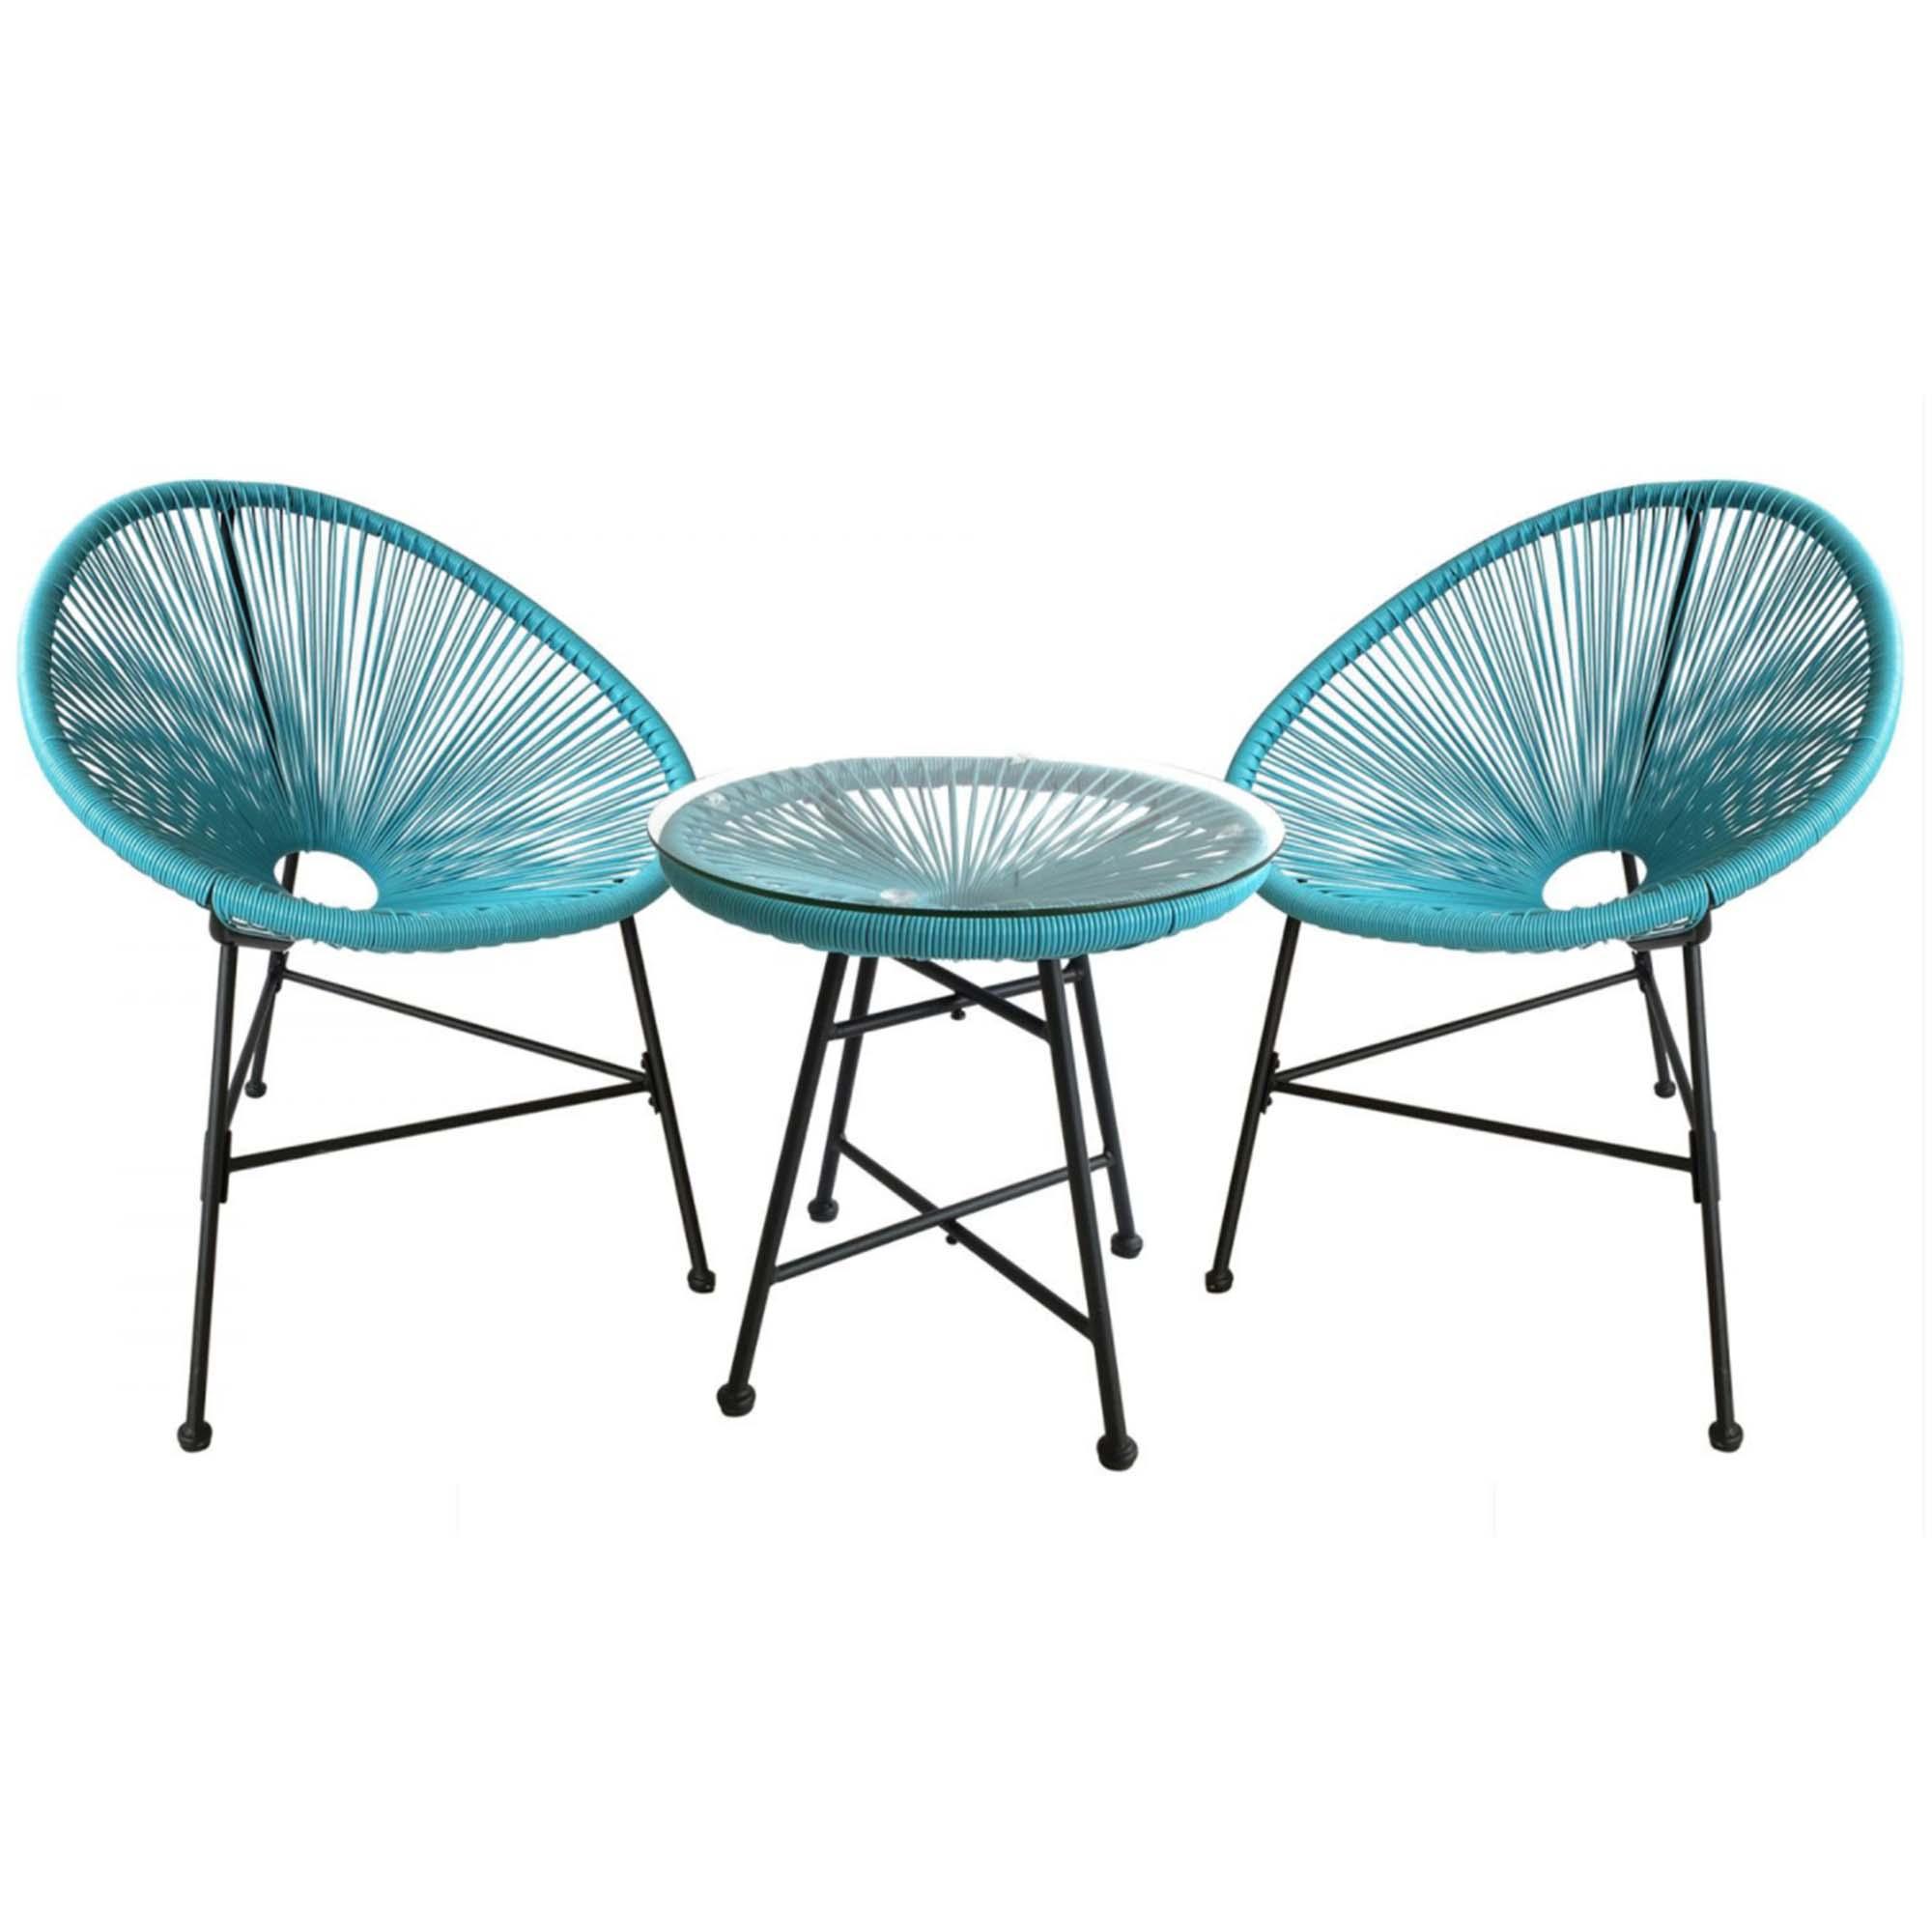 Salon de jardin 2 fauteuils ronds et table basse bleu